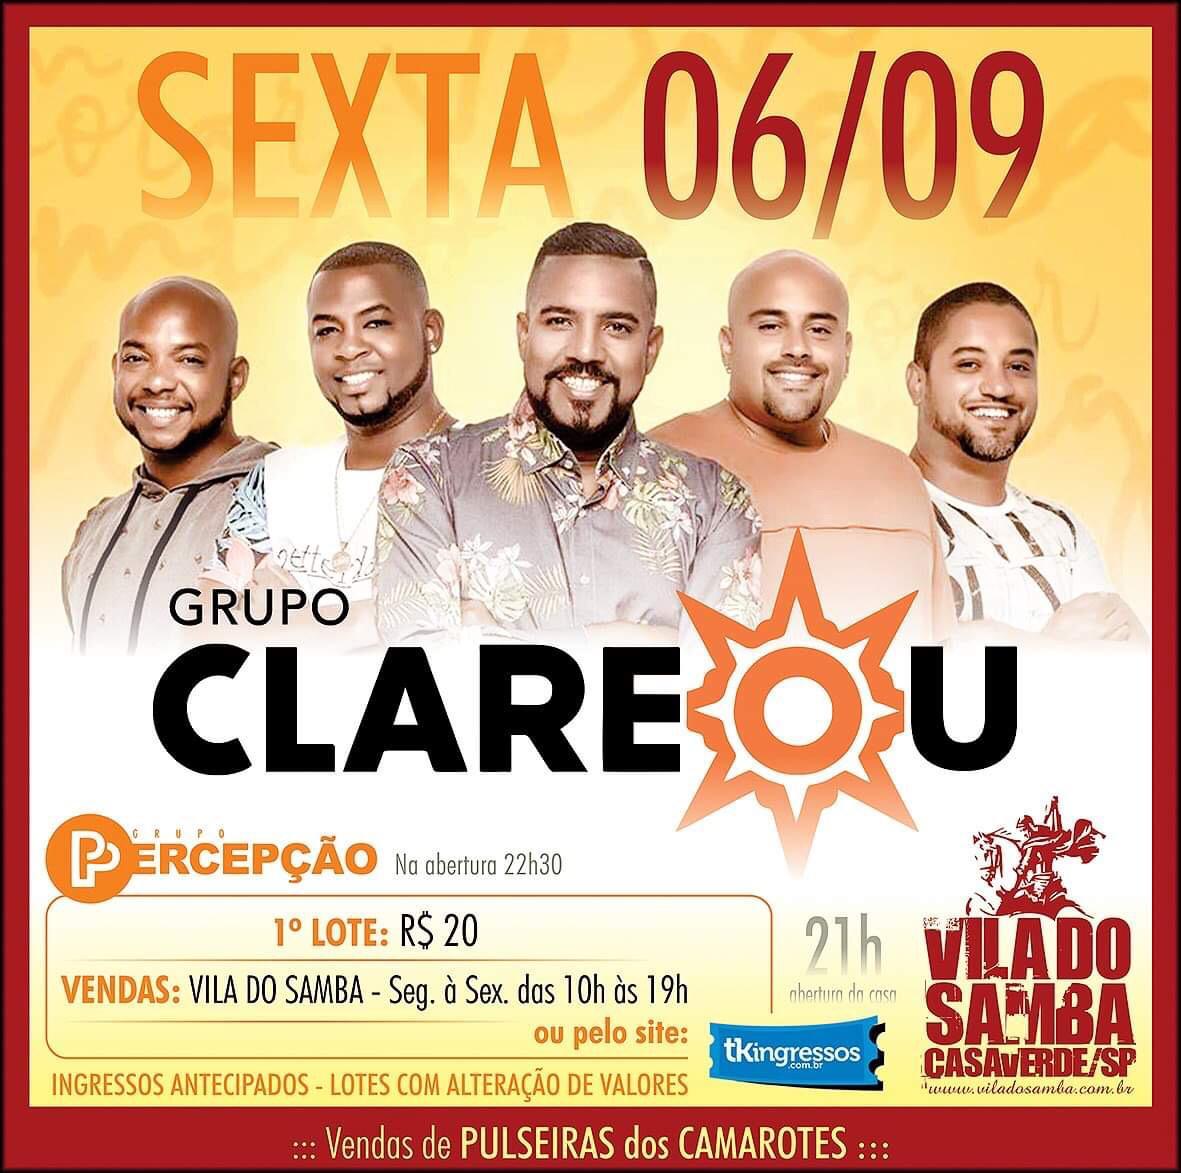 Clareou - Vila do Samba - 06/09/19 - São Paulo - SP